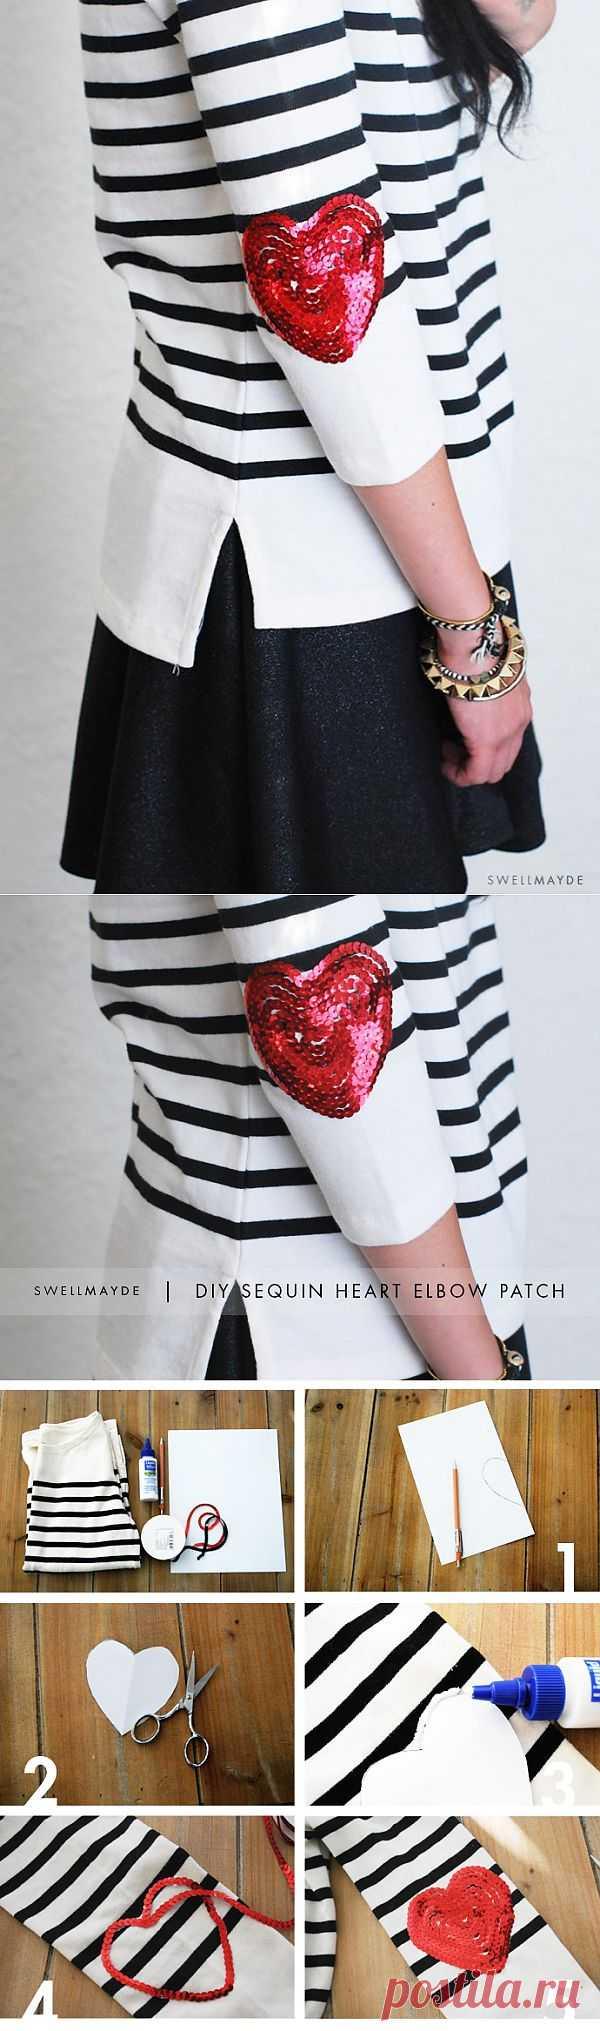 Праздничные заплаты (DIY) / Нарядно / Модный сайт о стильной переделке одежды и интерьера